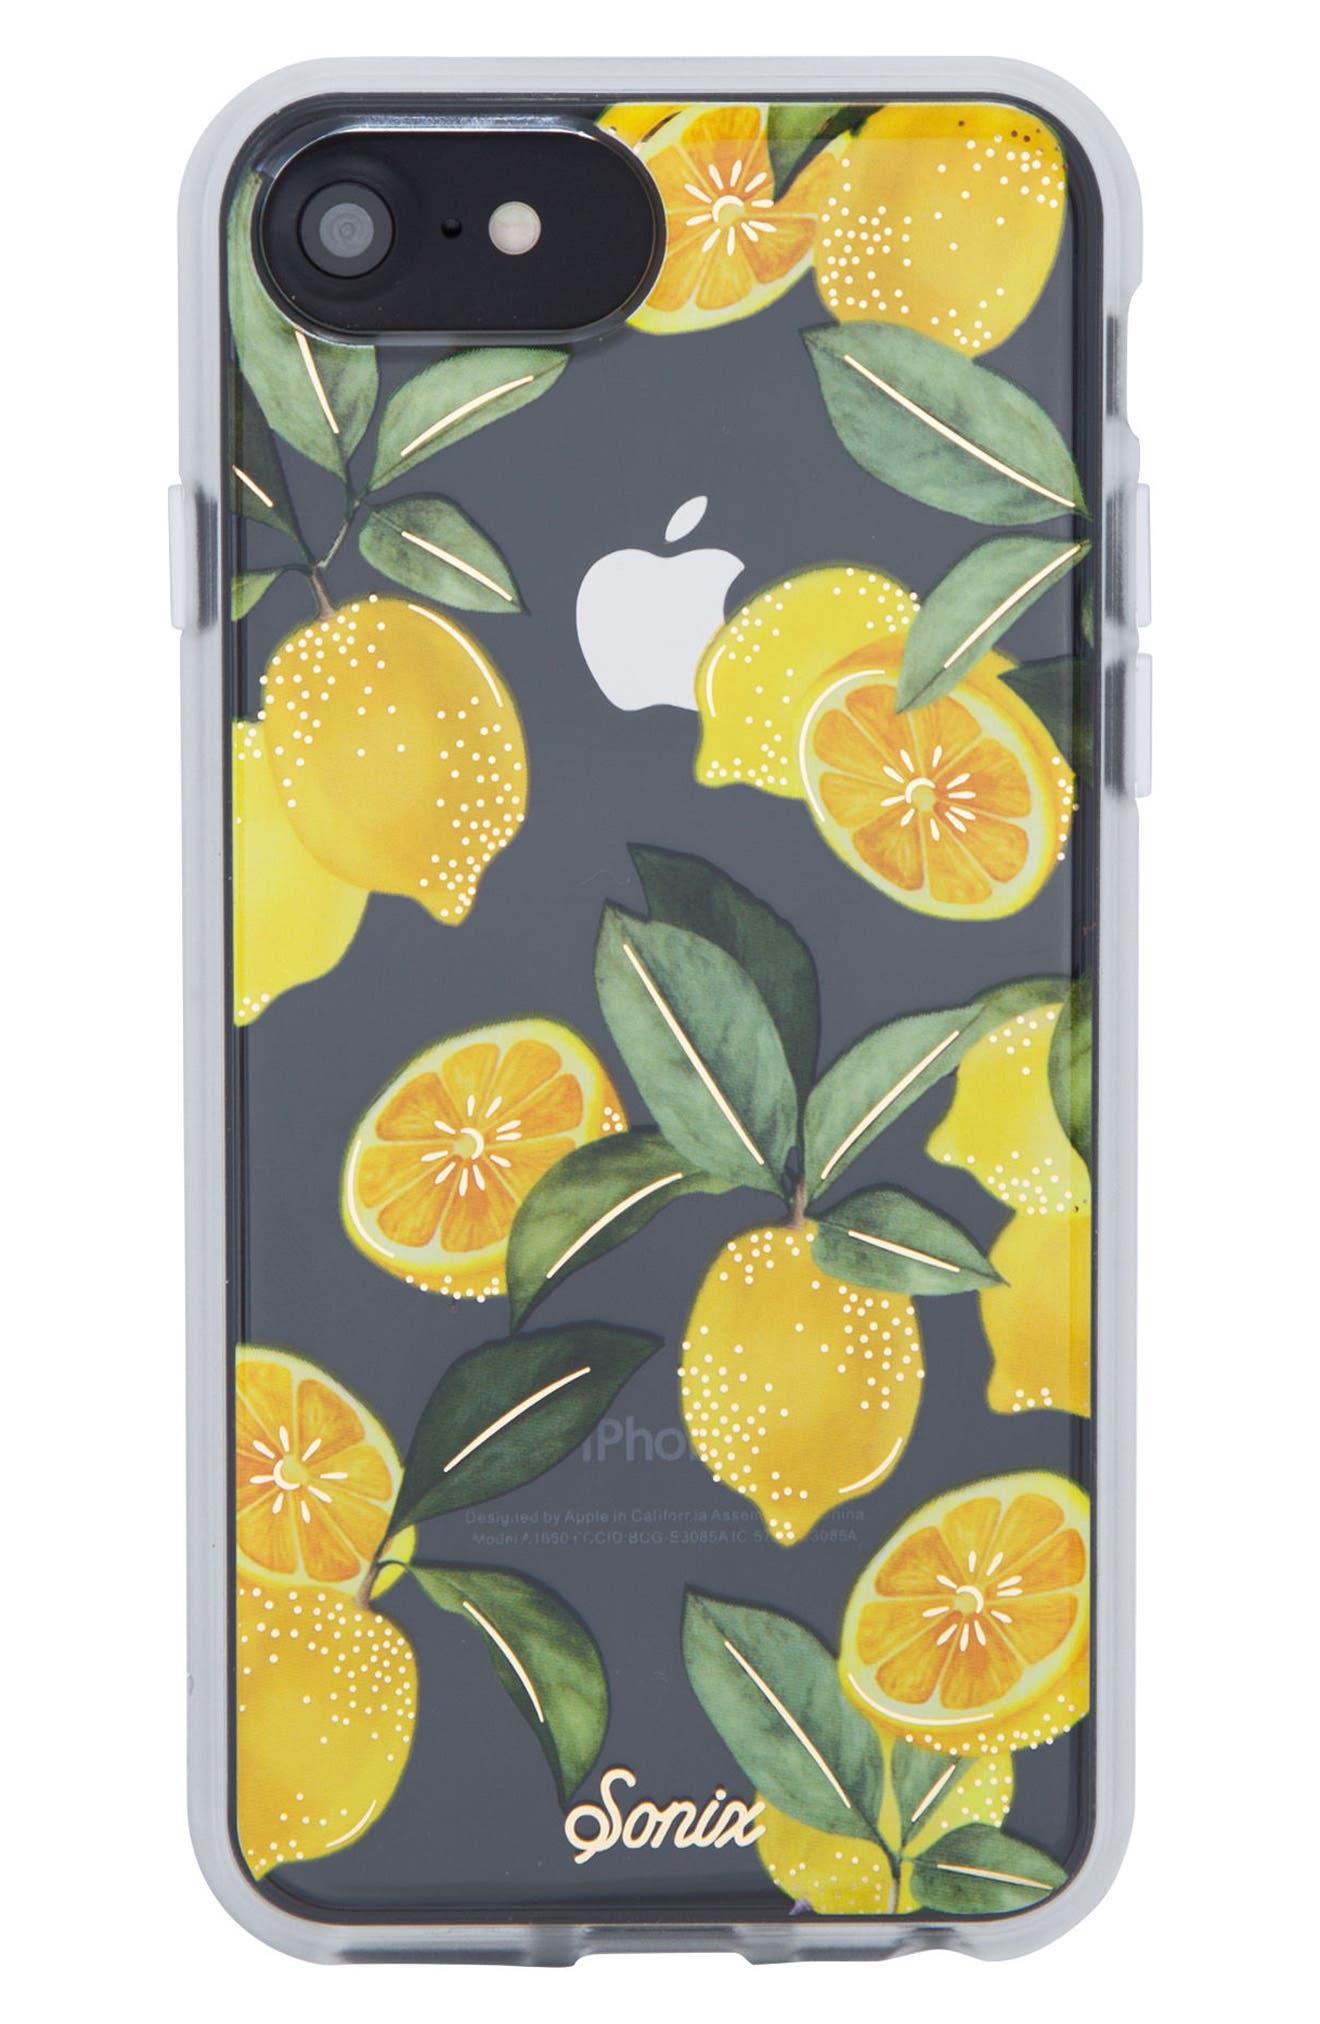 Sonix Lemon Zest iPhone 6/6s/7/8 & 6/6s/7/8 Plus Case